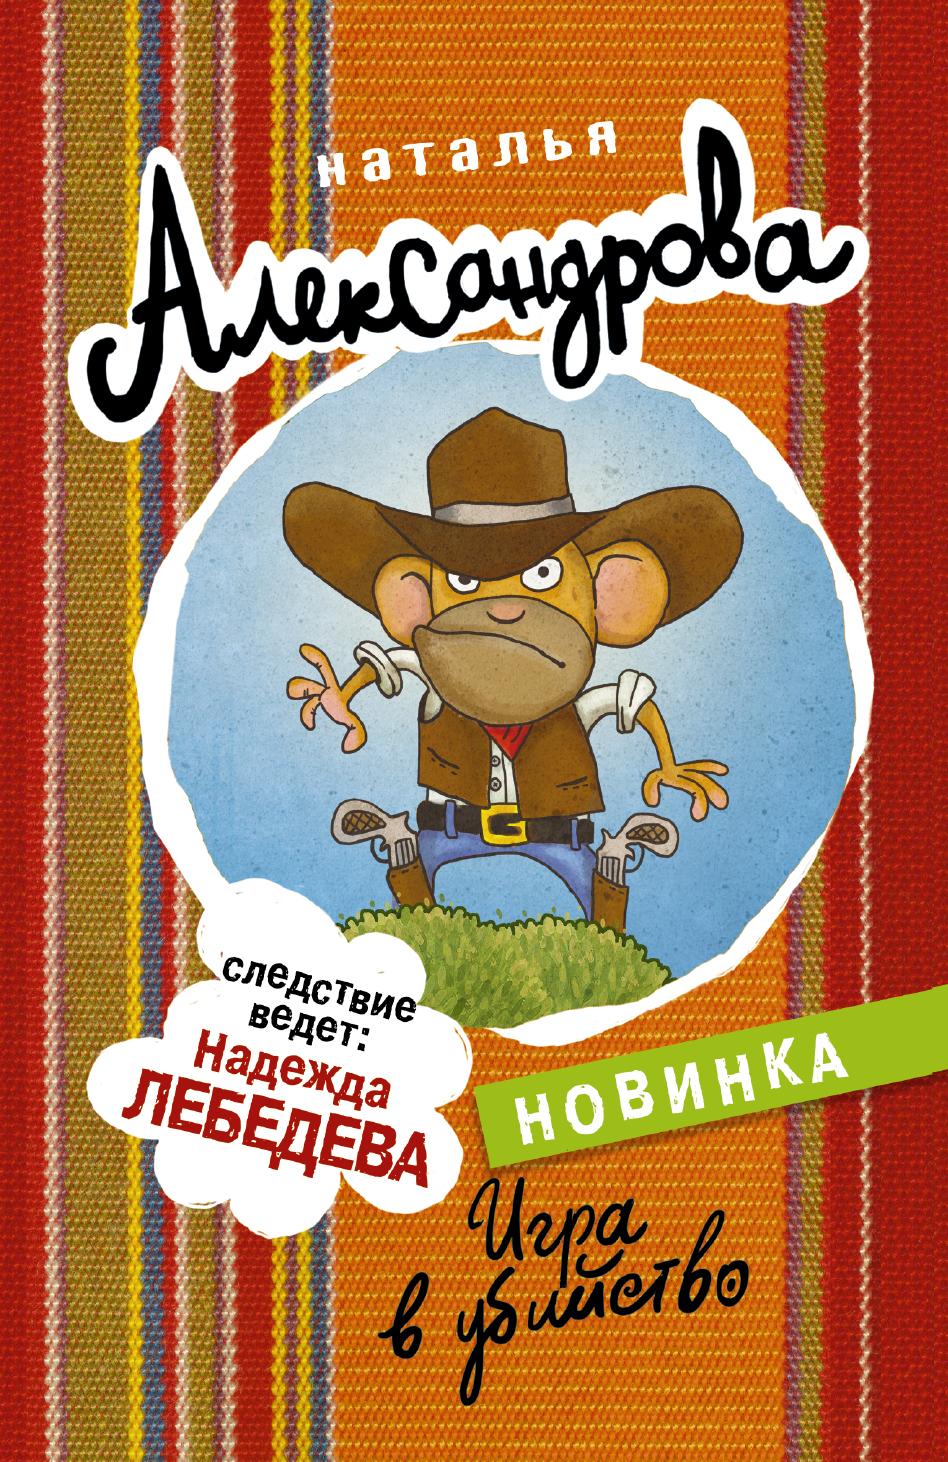 Наталья Александрова Игра в убийство